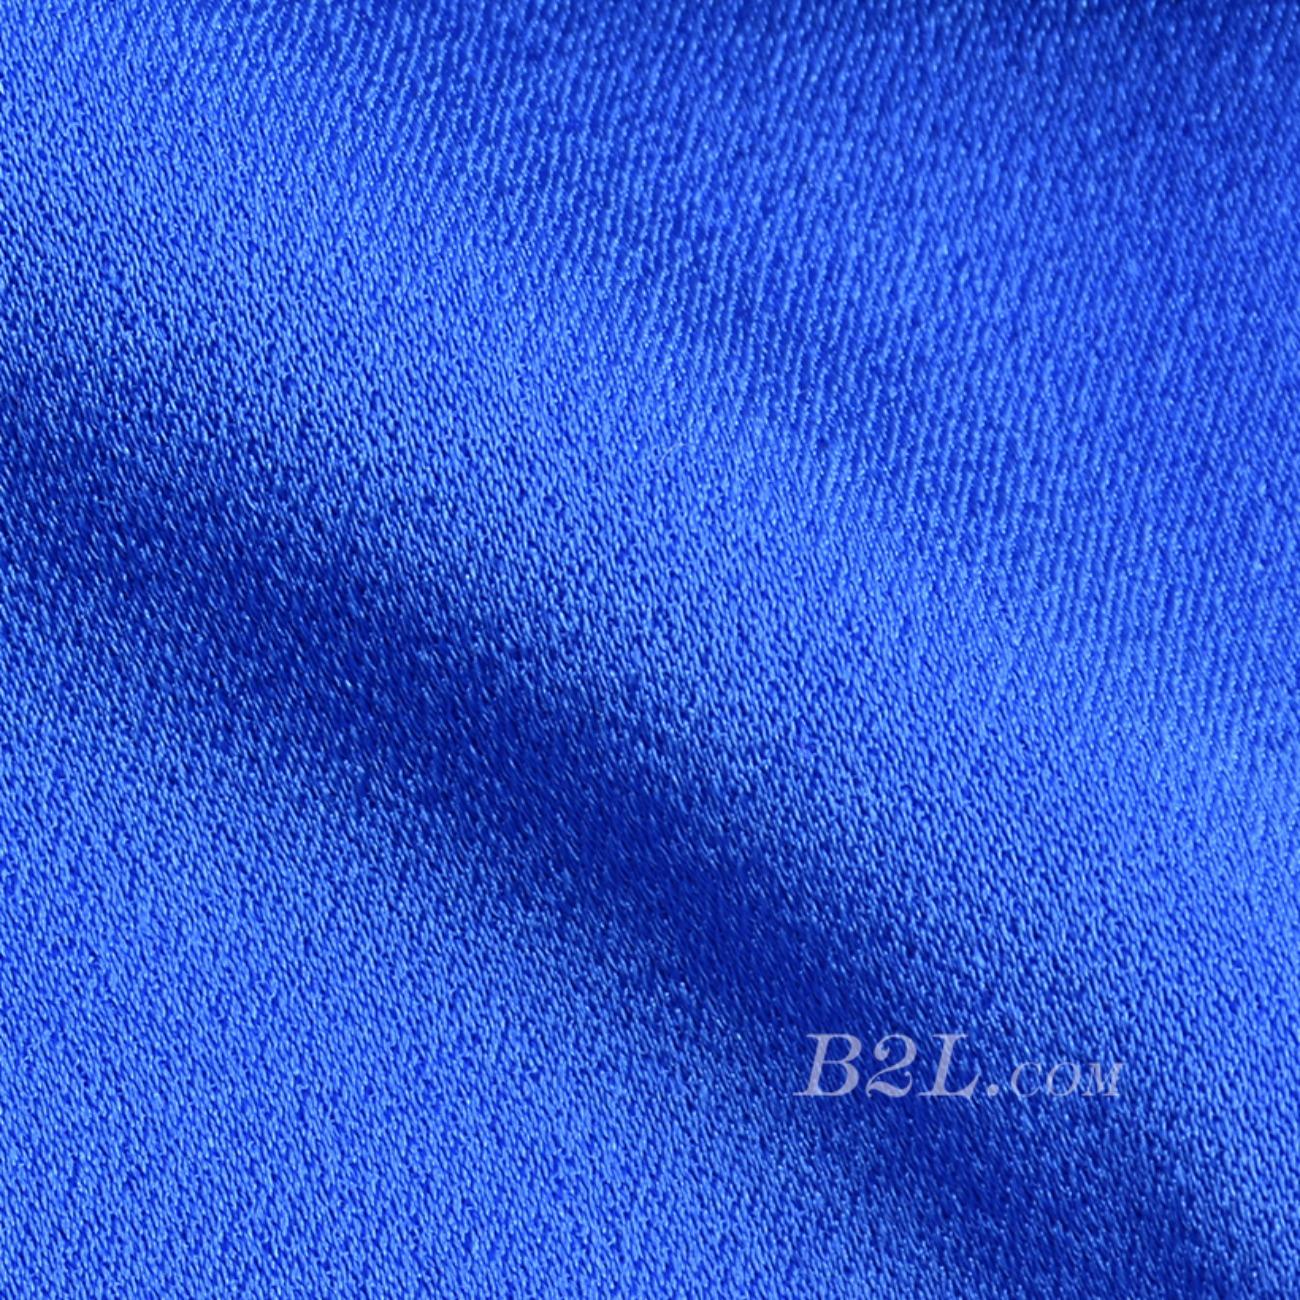 梭织 素色 高弹 染色 光面 柔软 连衣裙 外套 春秋 女装 71112-13